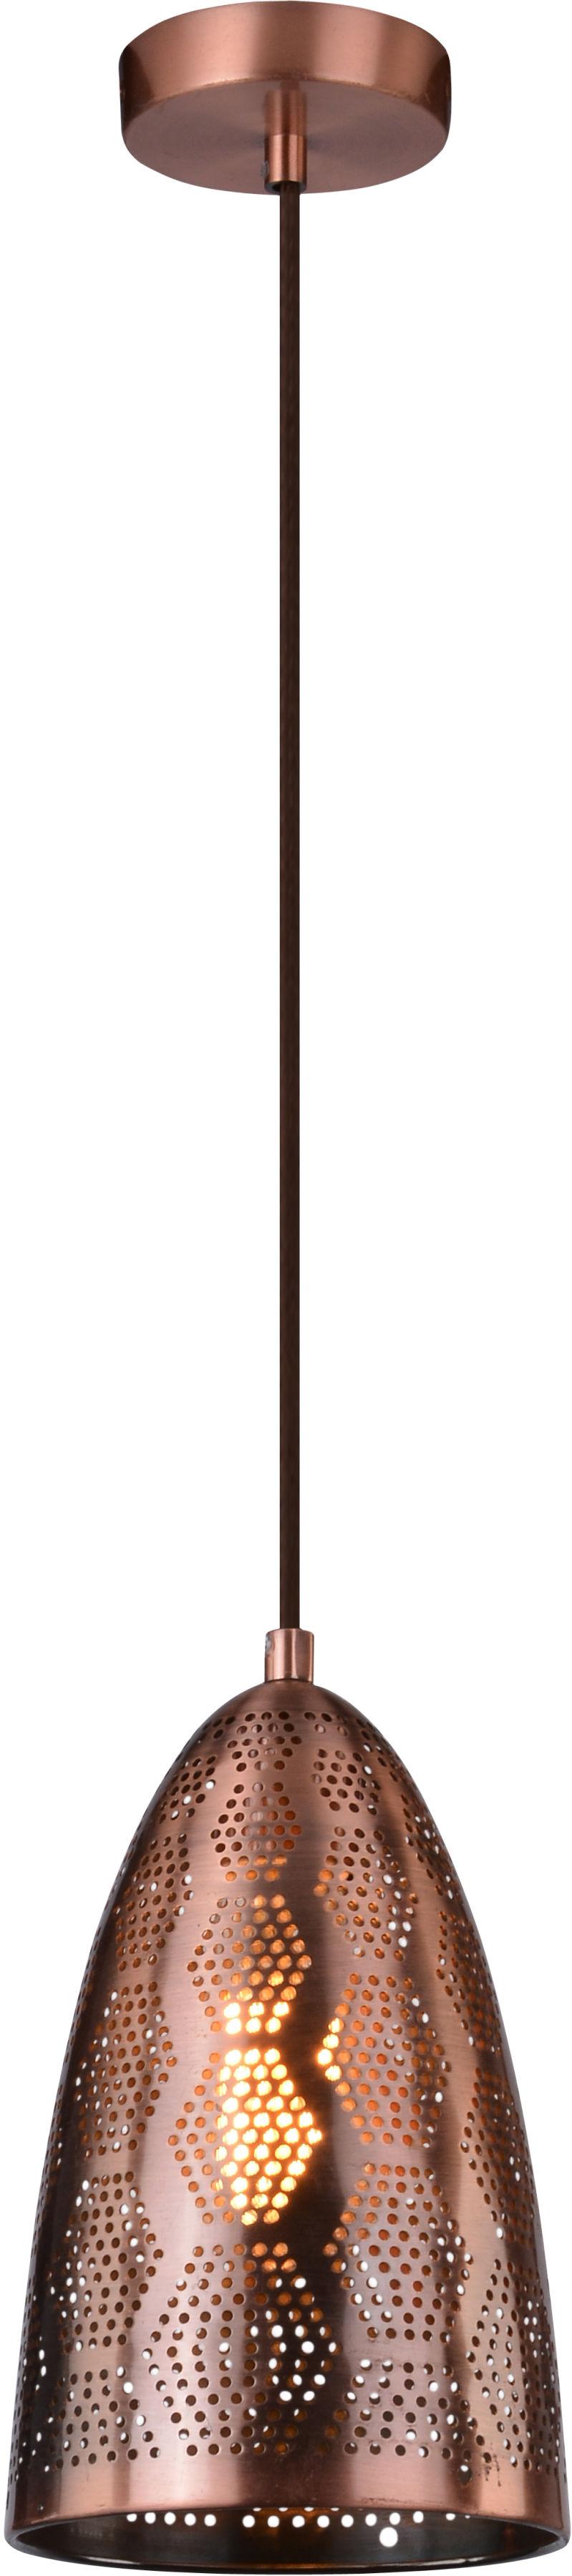 Candellux SFINKS 31-43313 lampa wisząca 1X60W E27 metalowy klosz stożek i ażurowy dekor miedziany 20 cm